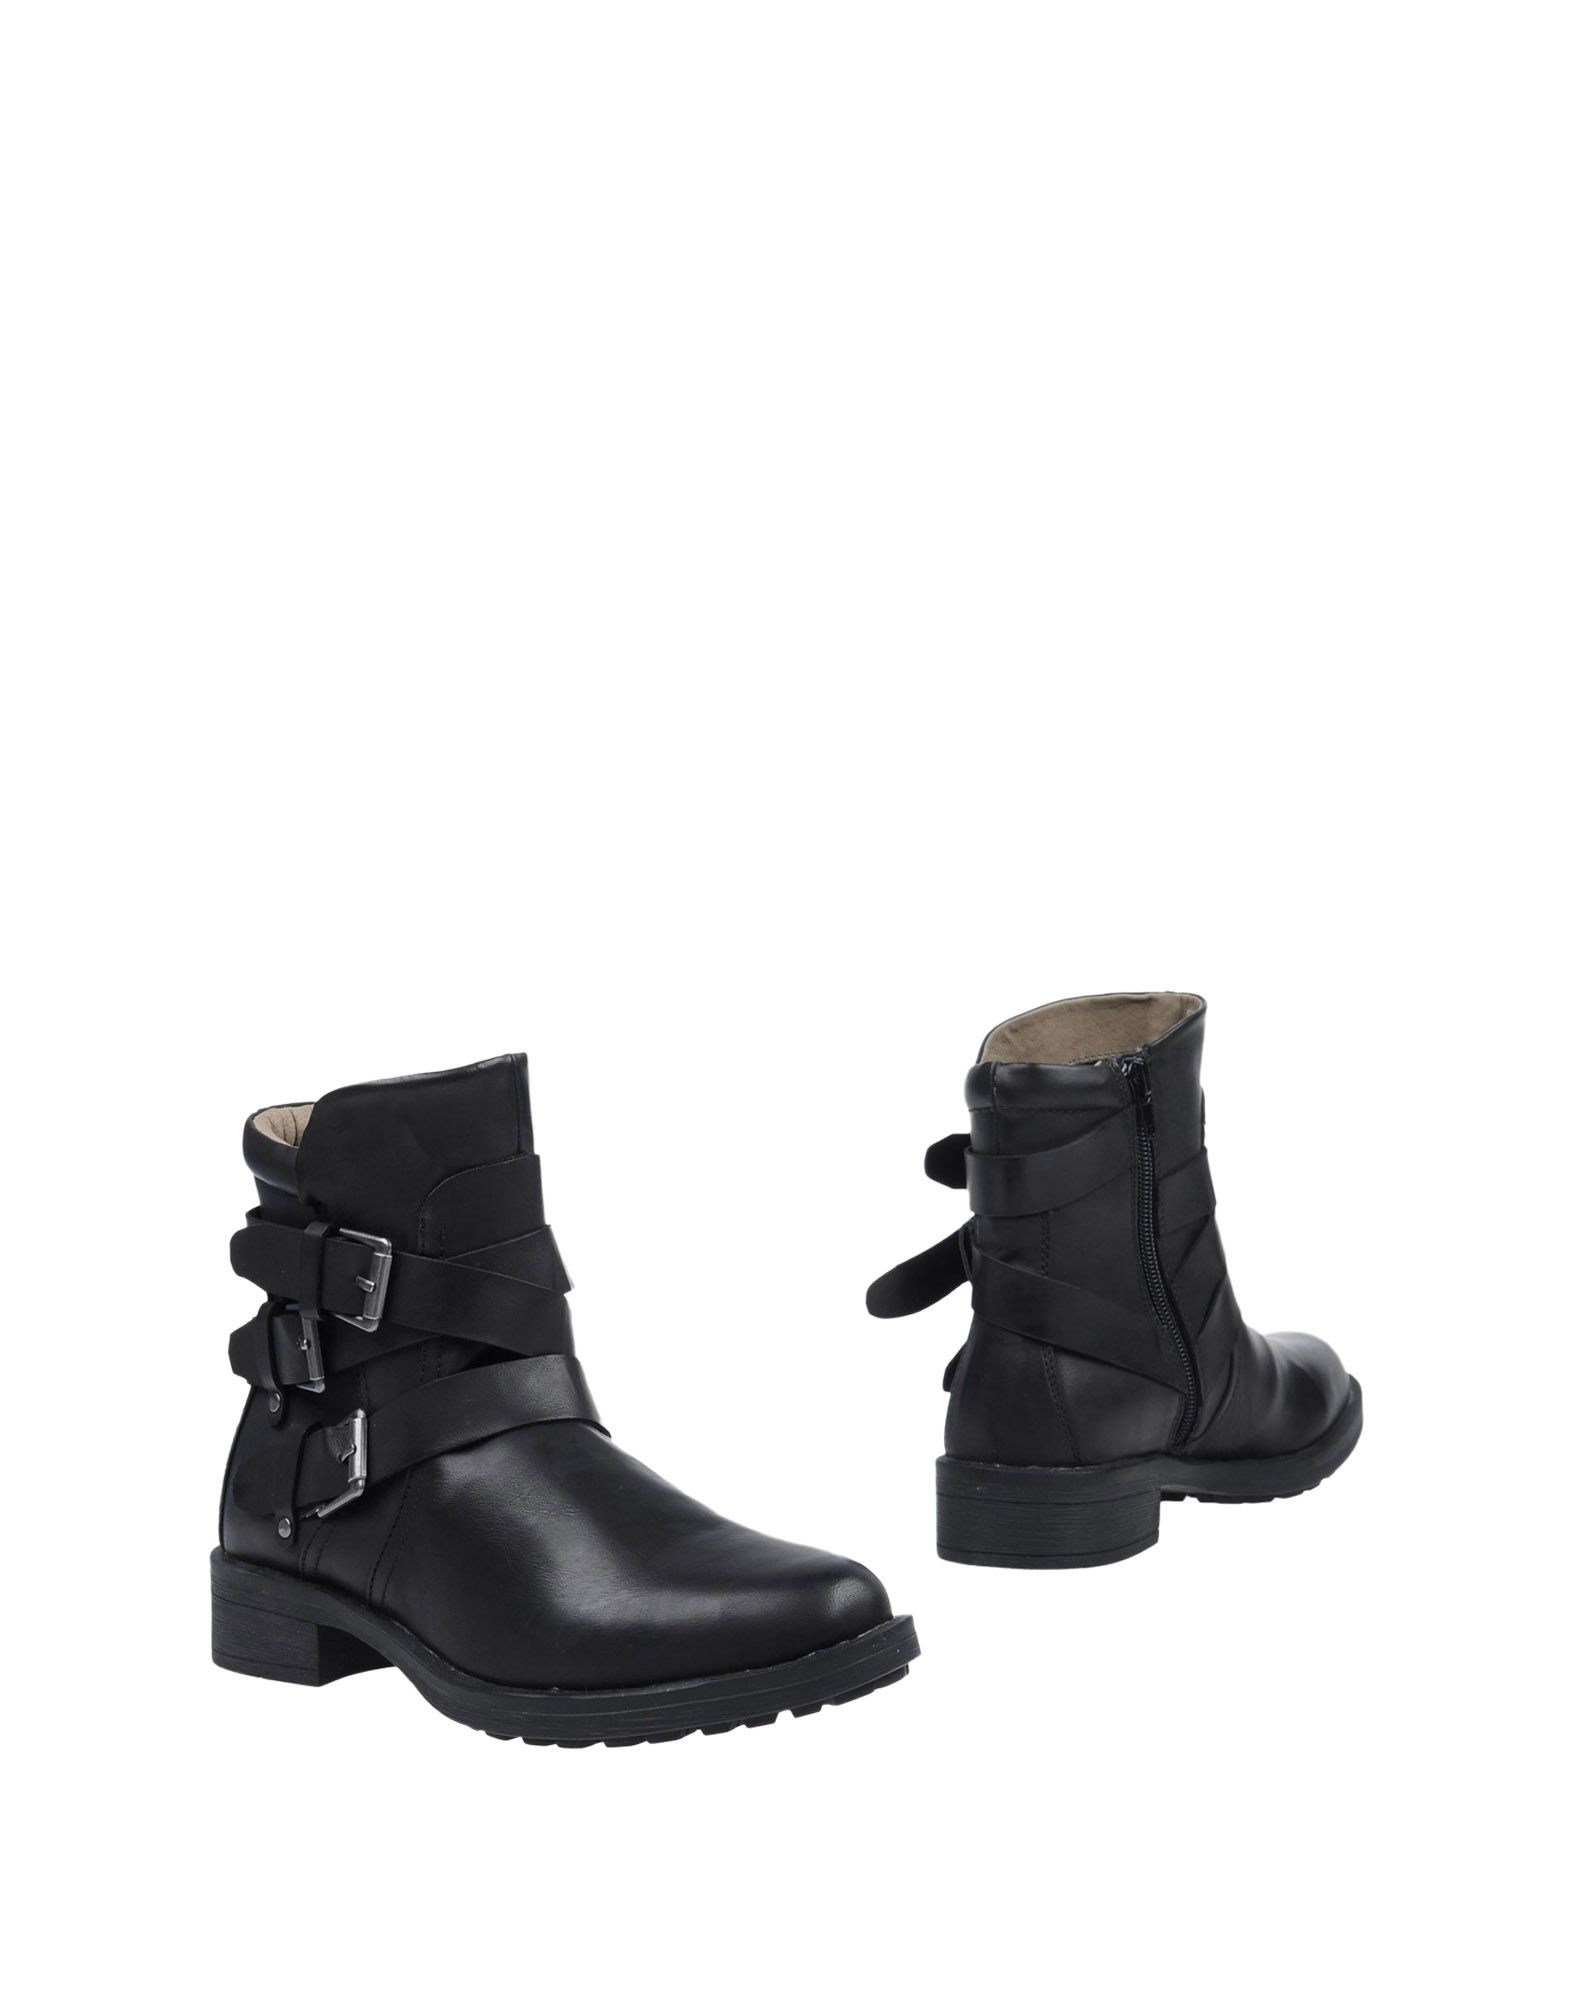 VERO MODA Полусапоги и высокие ботинки vero moda полусапоги и высокие ботинки